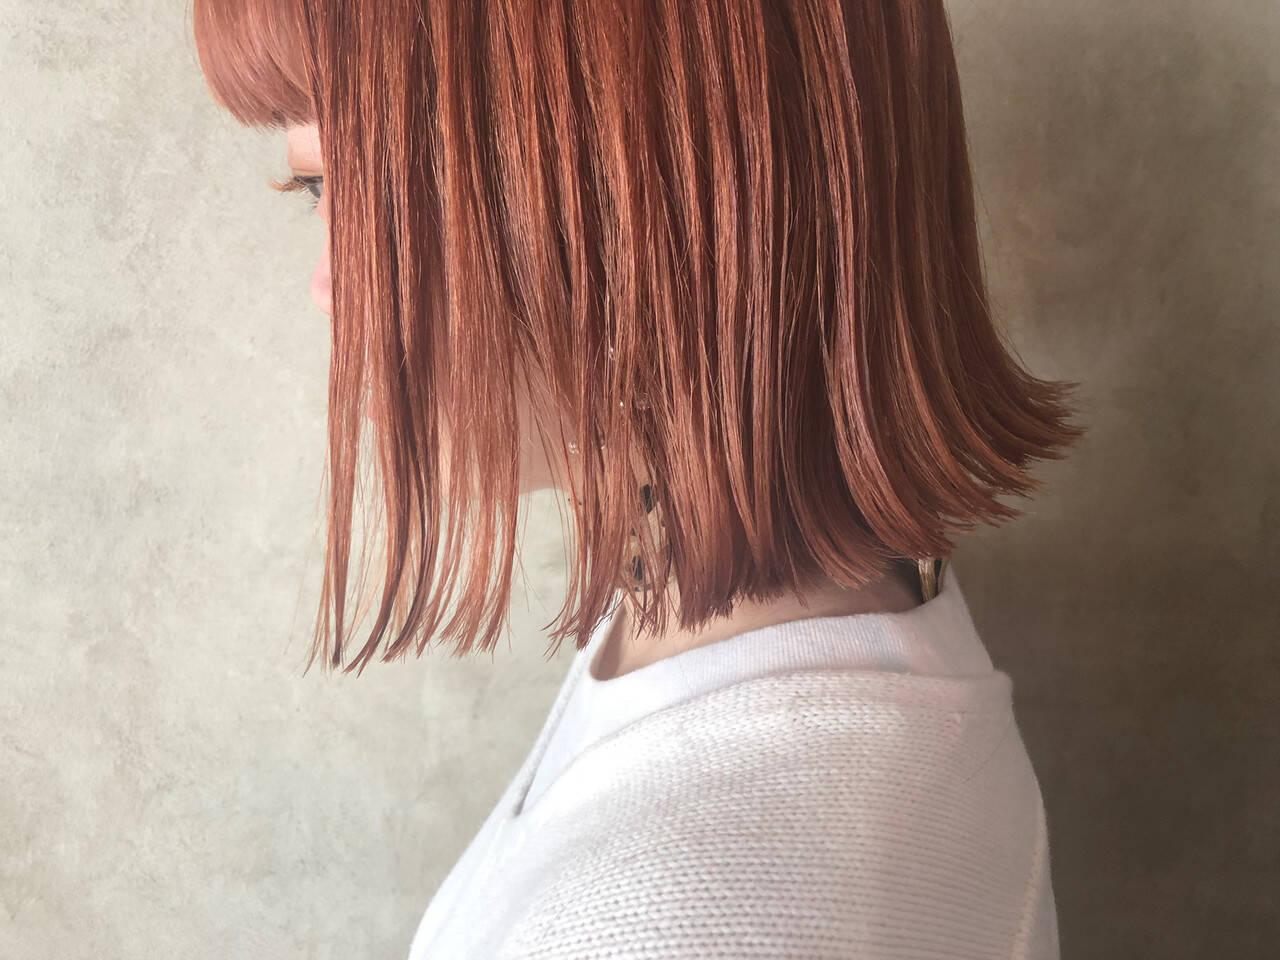 ボブ 切りっぱなしボブ オレンジベージュ アプリコットオレンジヘアスタイルや髪型の写真・画像